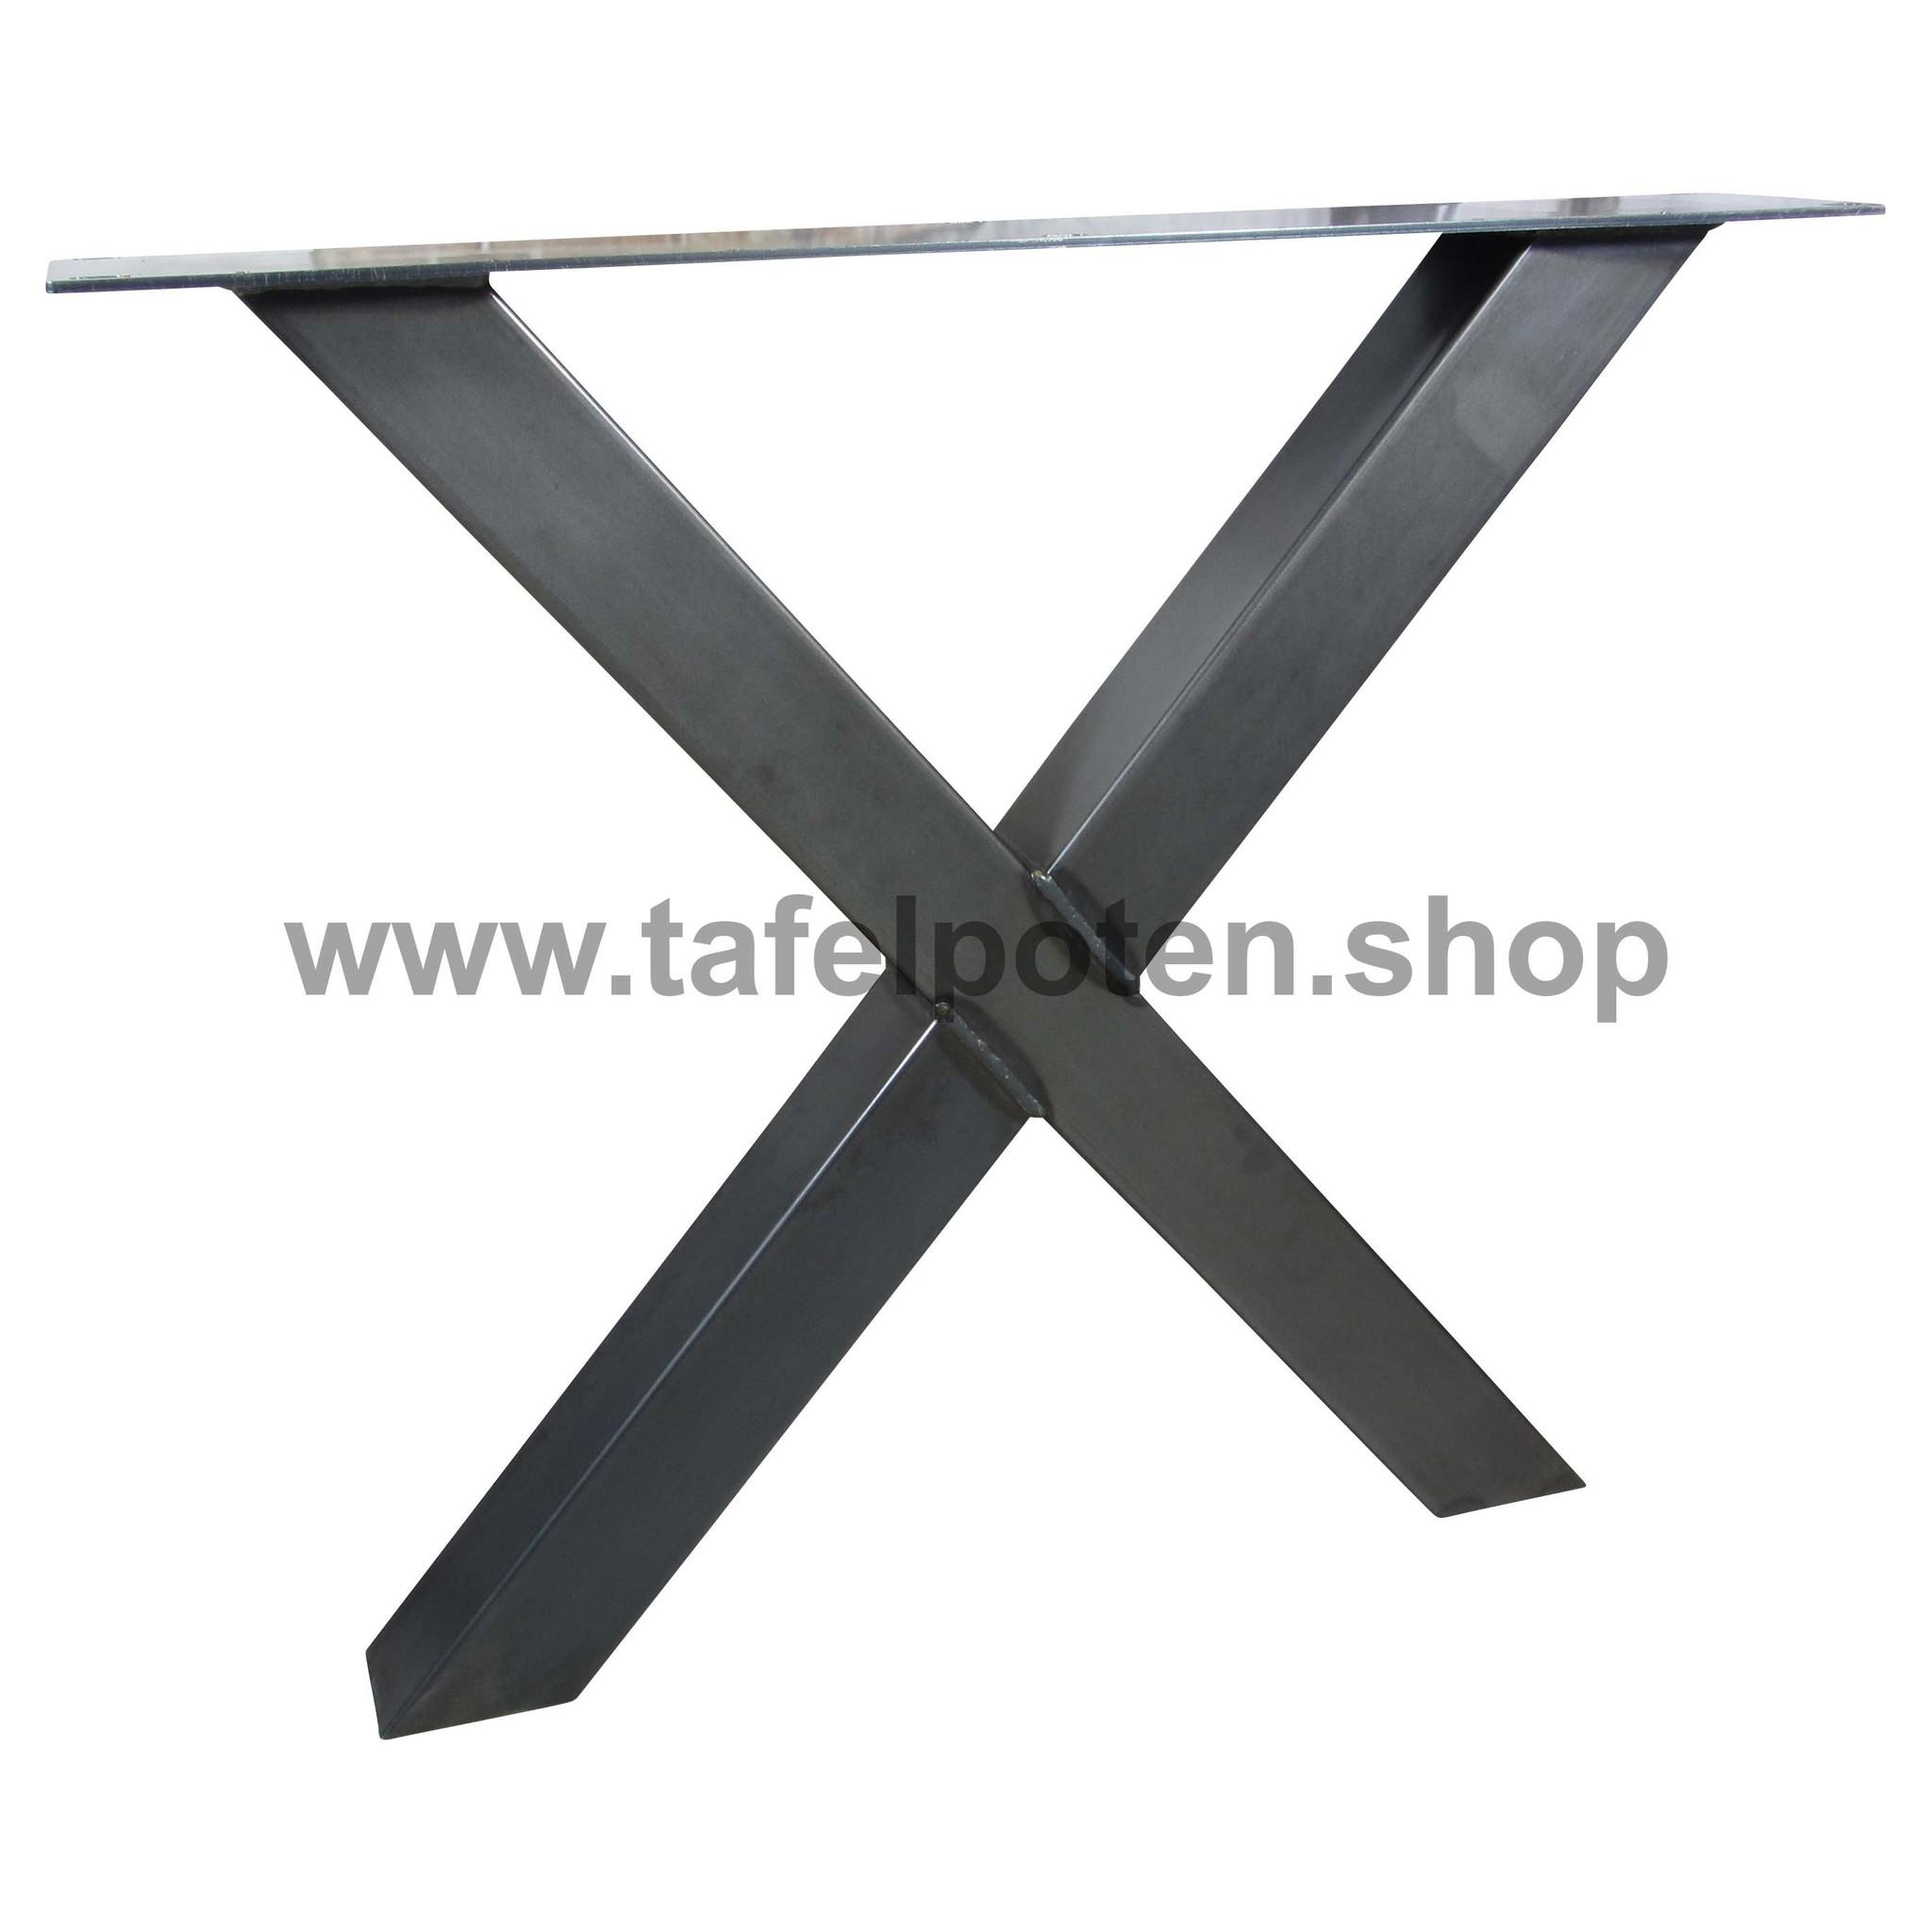 Tafelpoten.shop Deze losse stalen kruispoten zijn perfect voor het maken van uw eigen industriele tafel